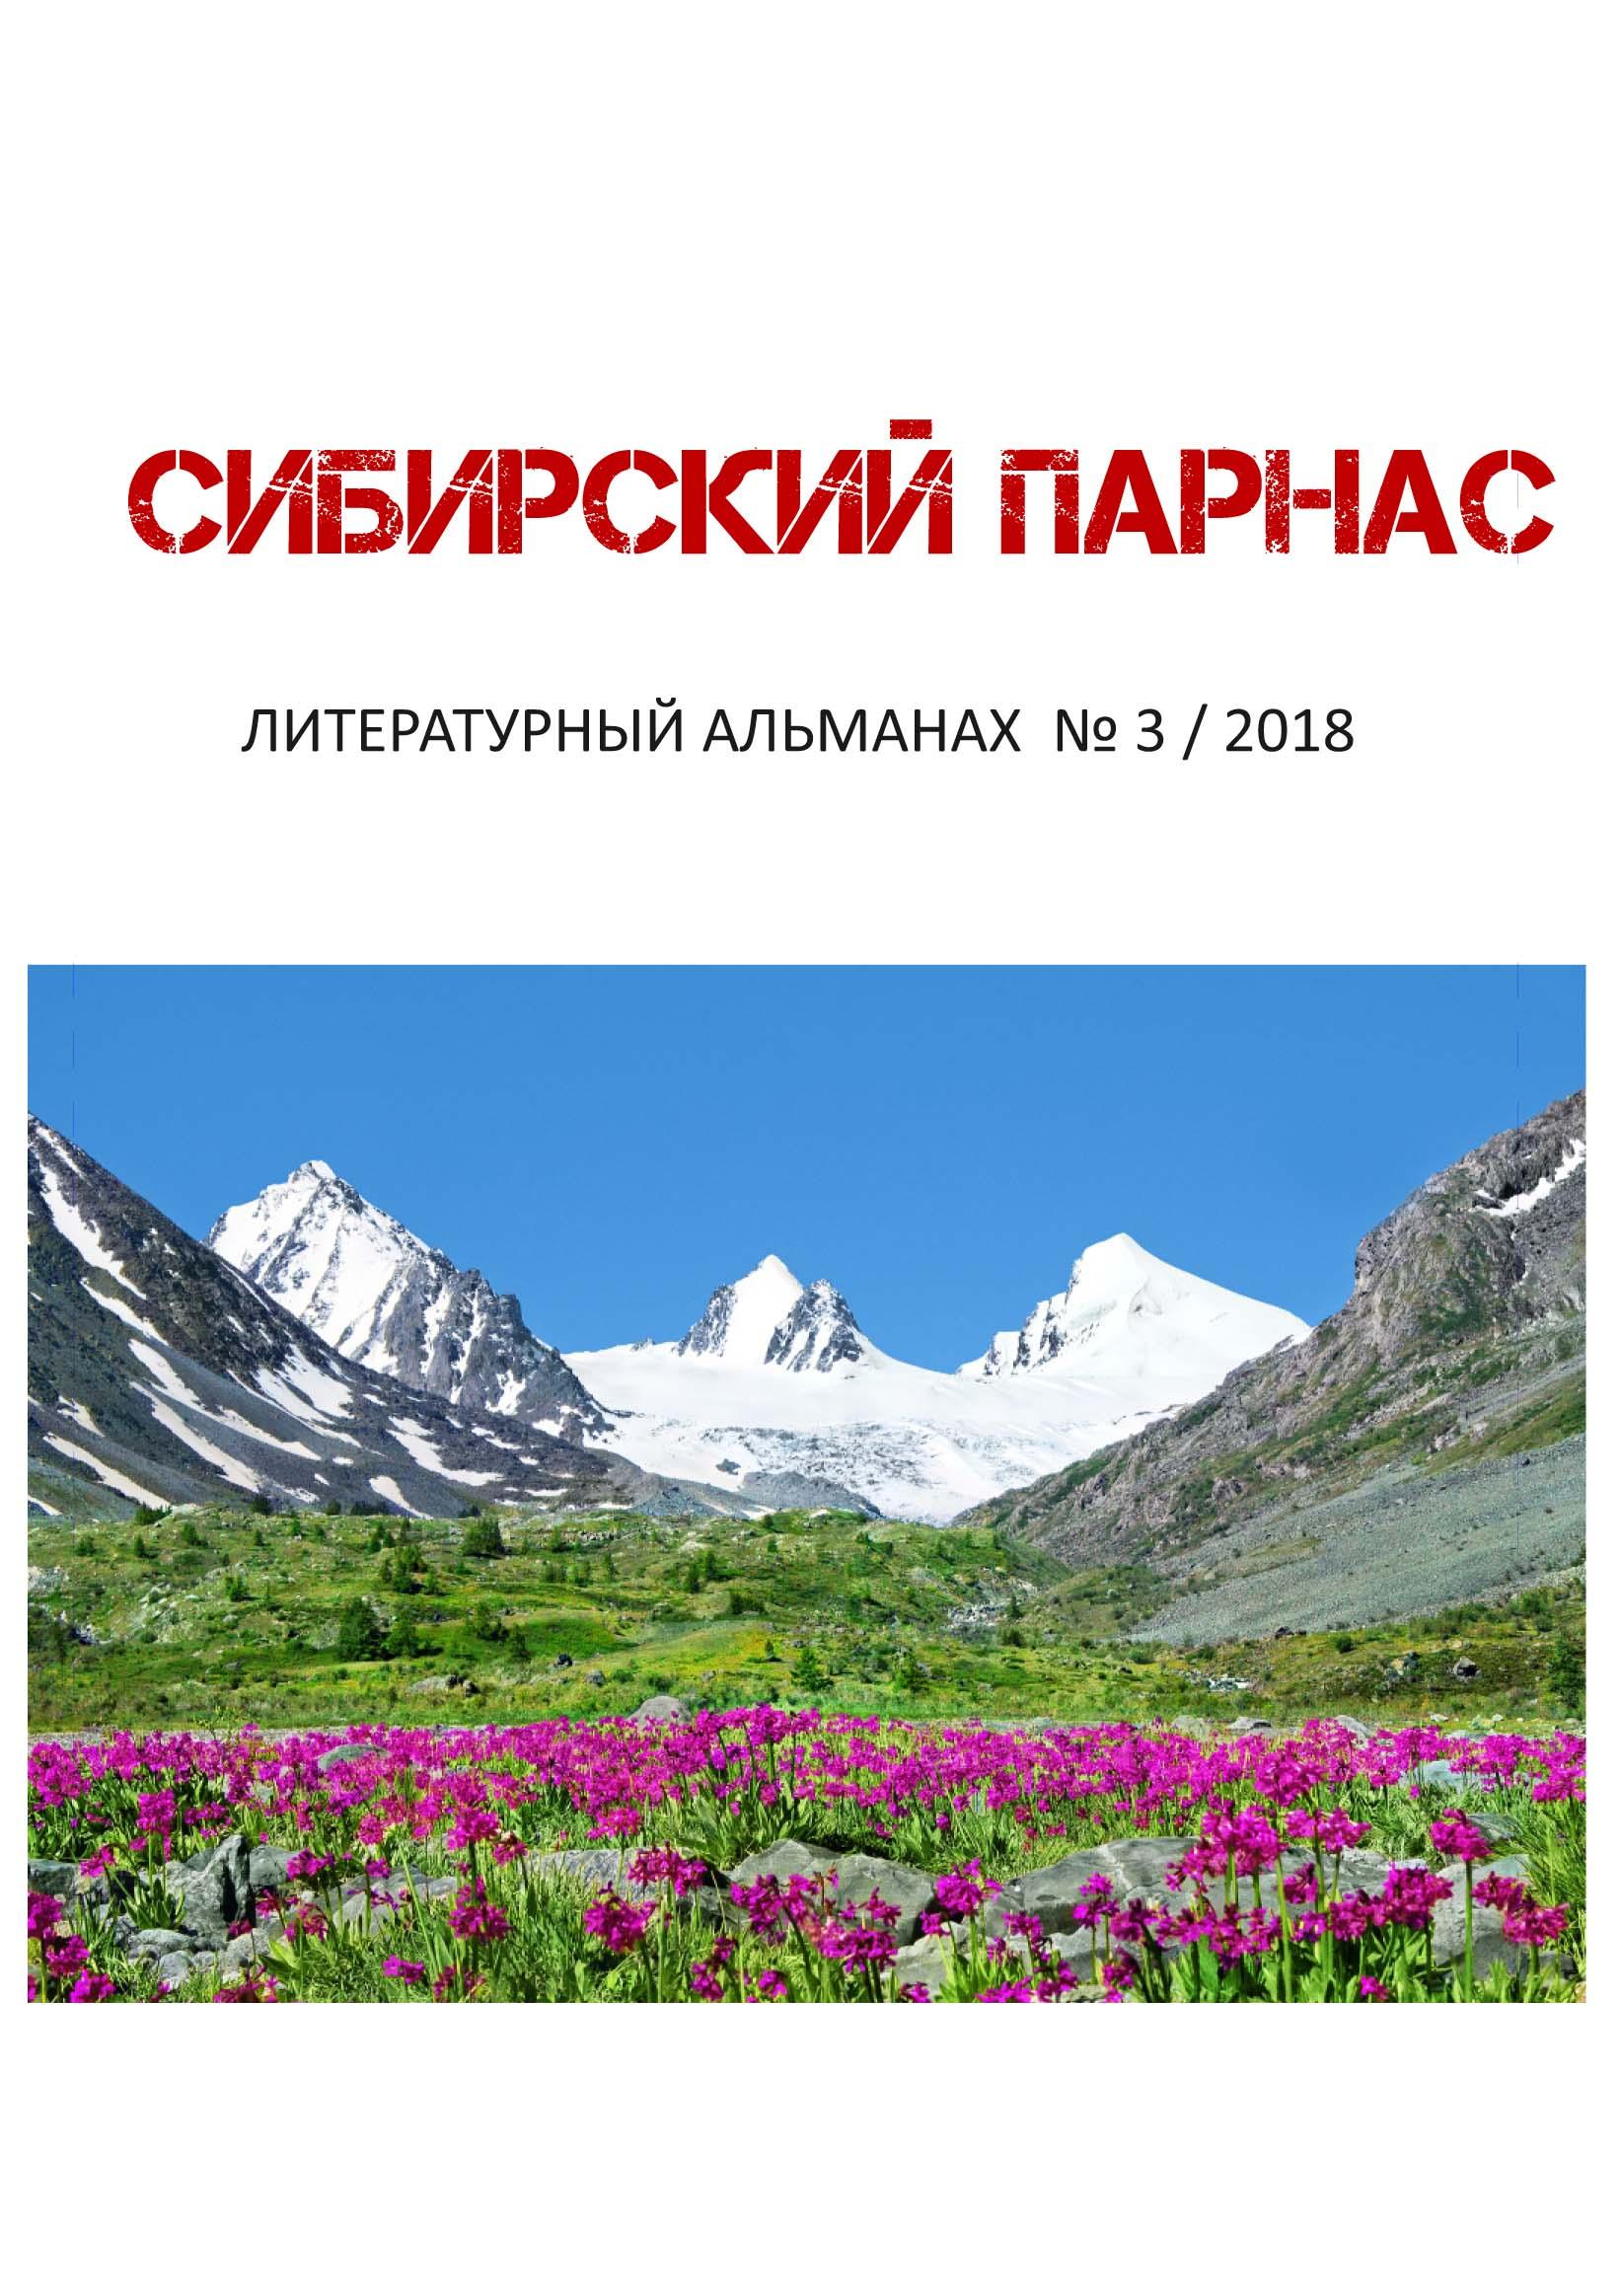 Обложка нового номера. Фото В. Изразцова